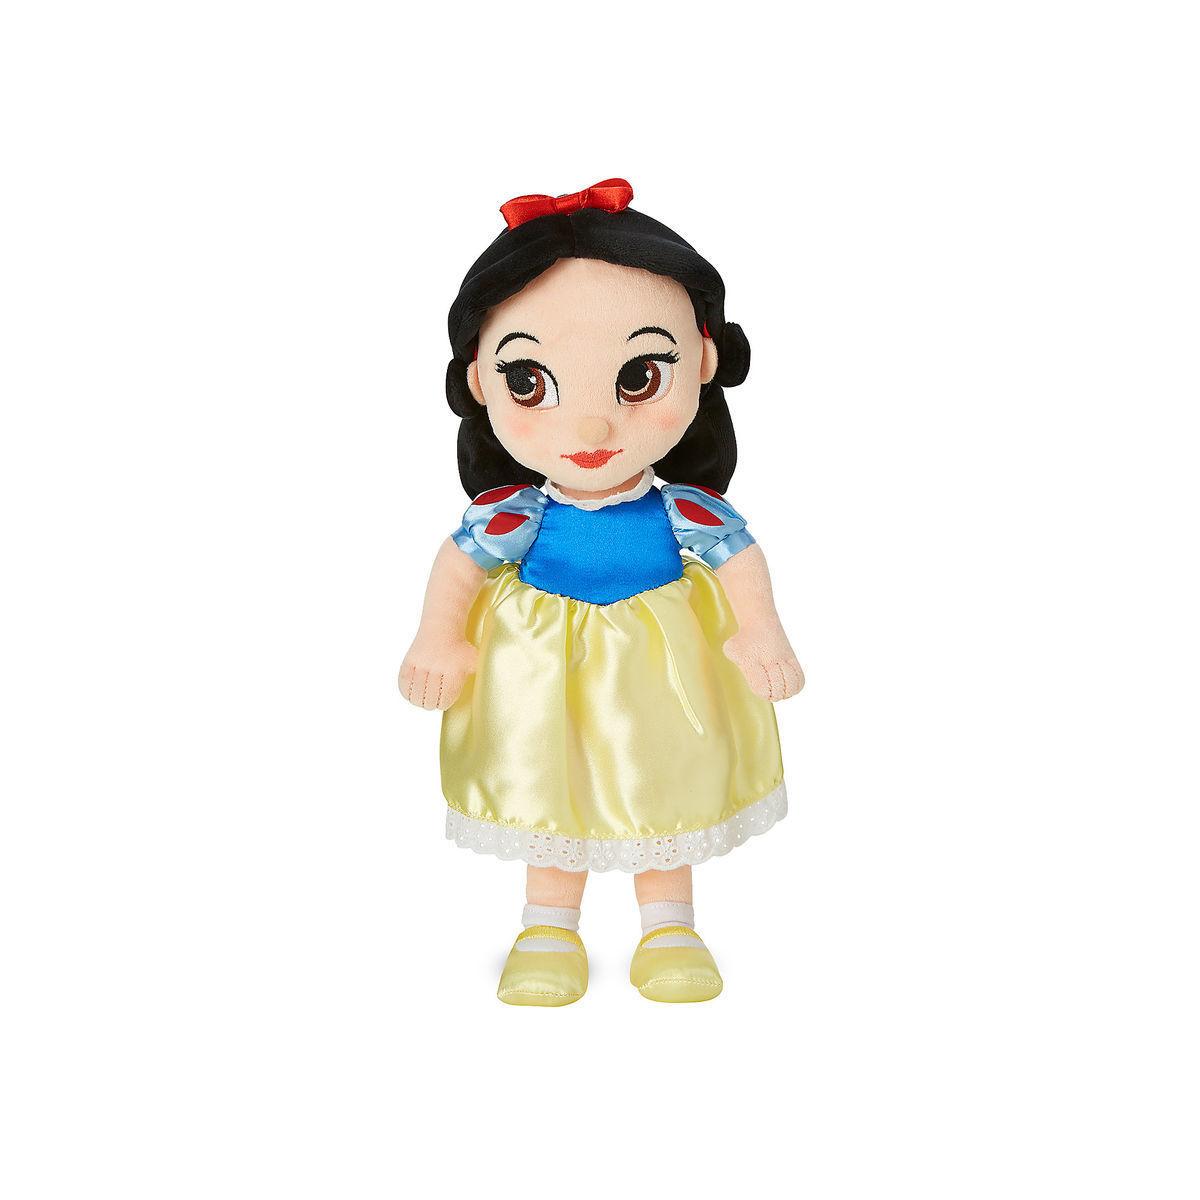 Мягкая кукла Белоснежка «Disney Animators» - 30 см